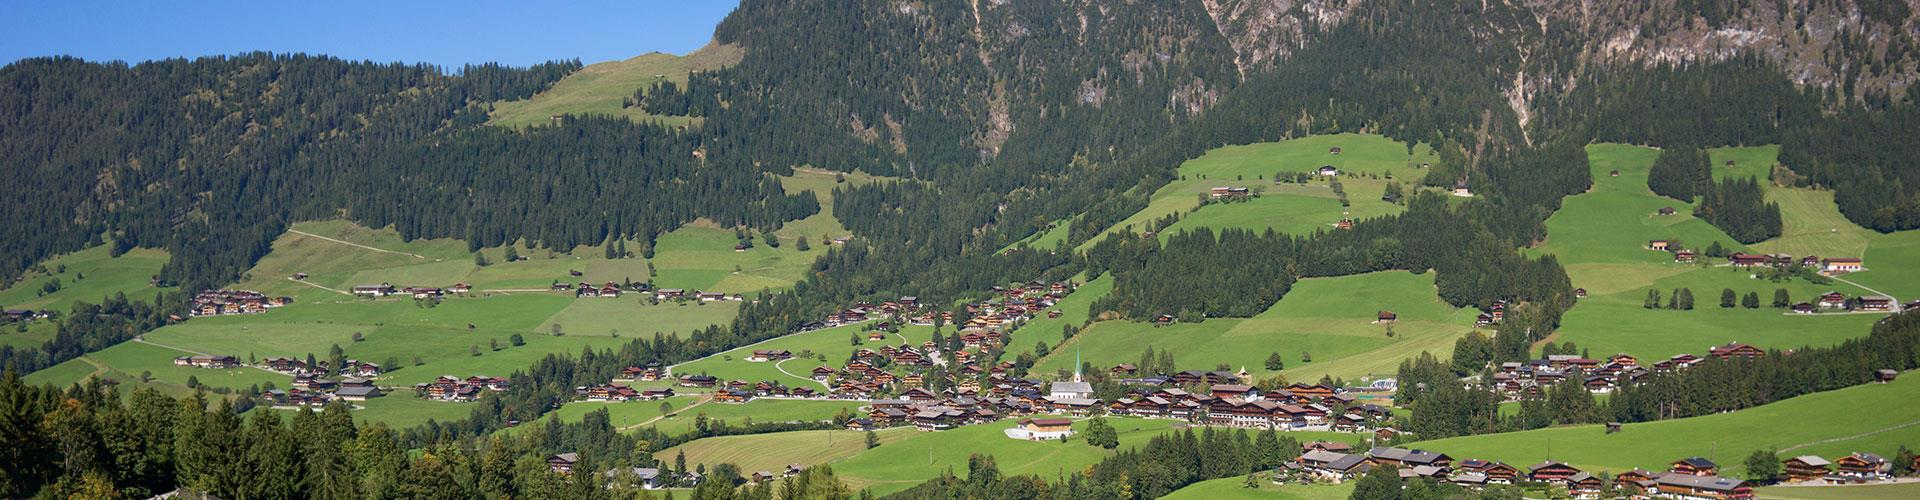 4*S Galtenberg Family & Wellness Resort in Tirol, sterreich